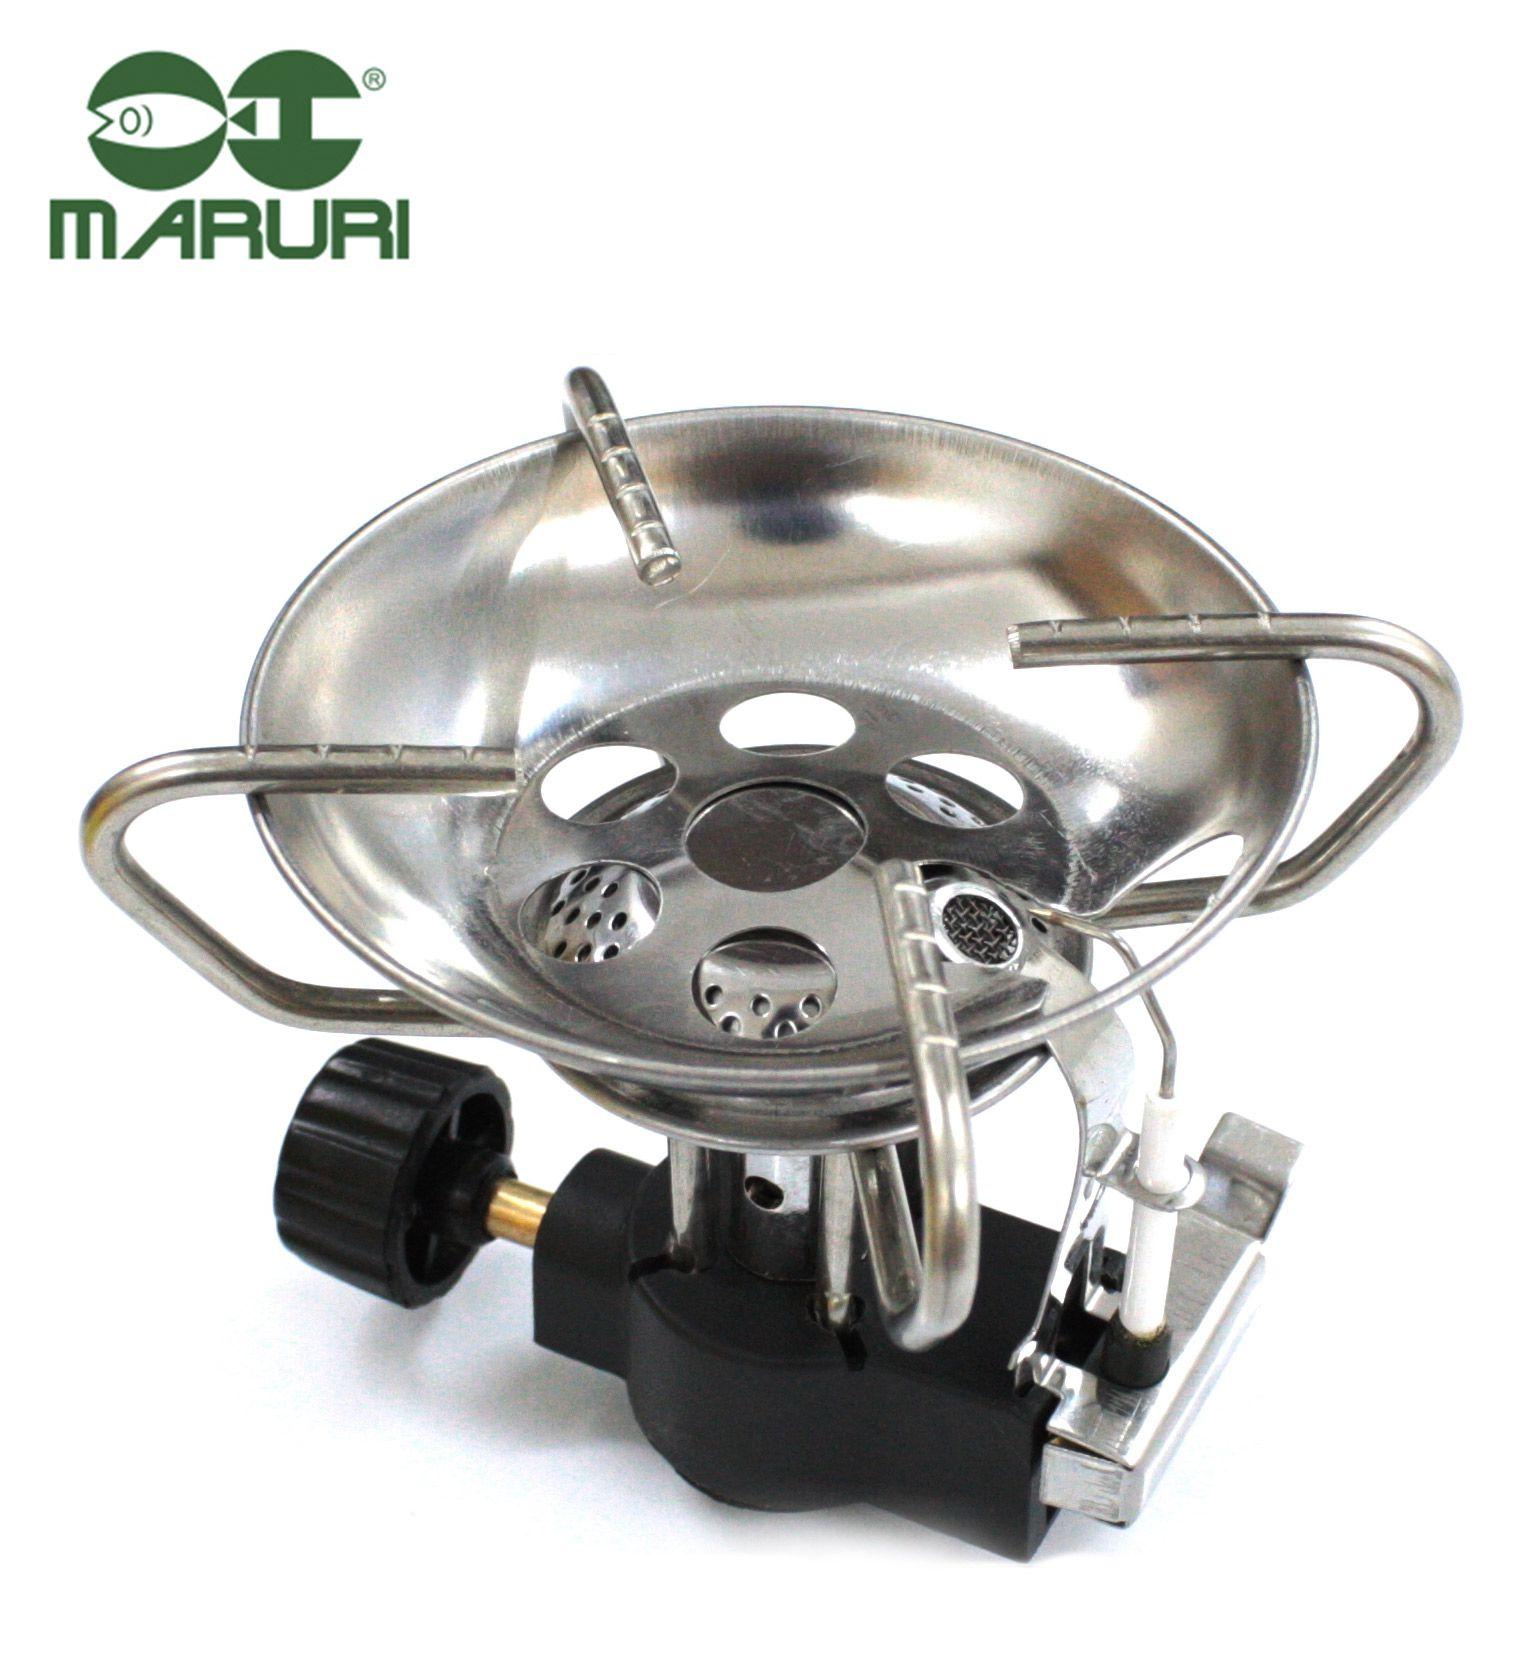 Mini Fogareiro Queimador á Gás Maruri - HM166-L1